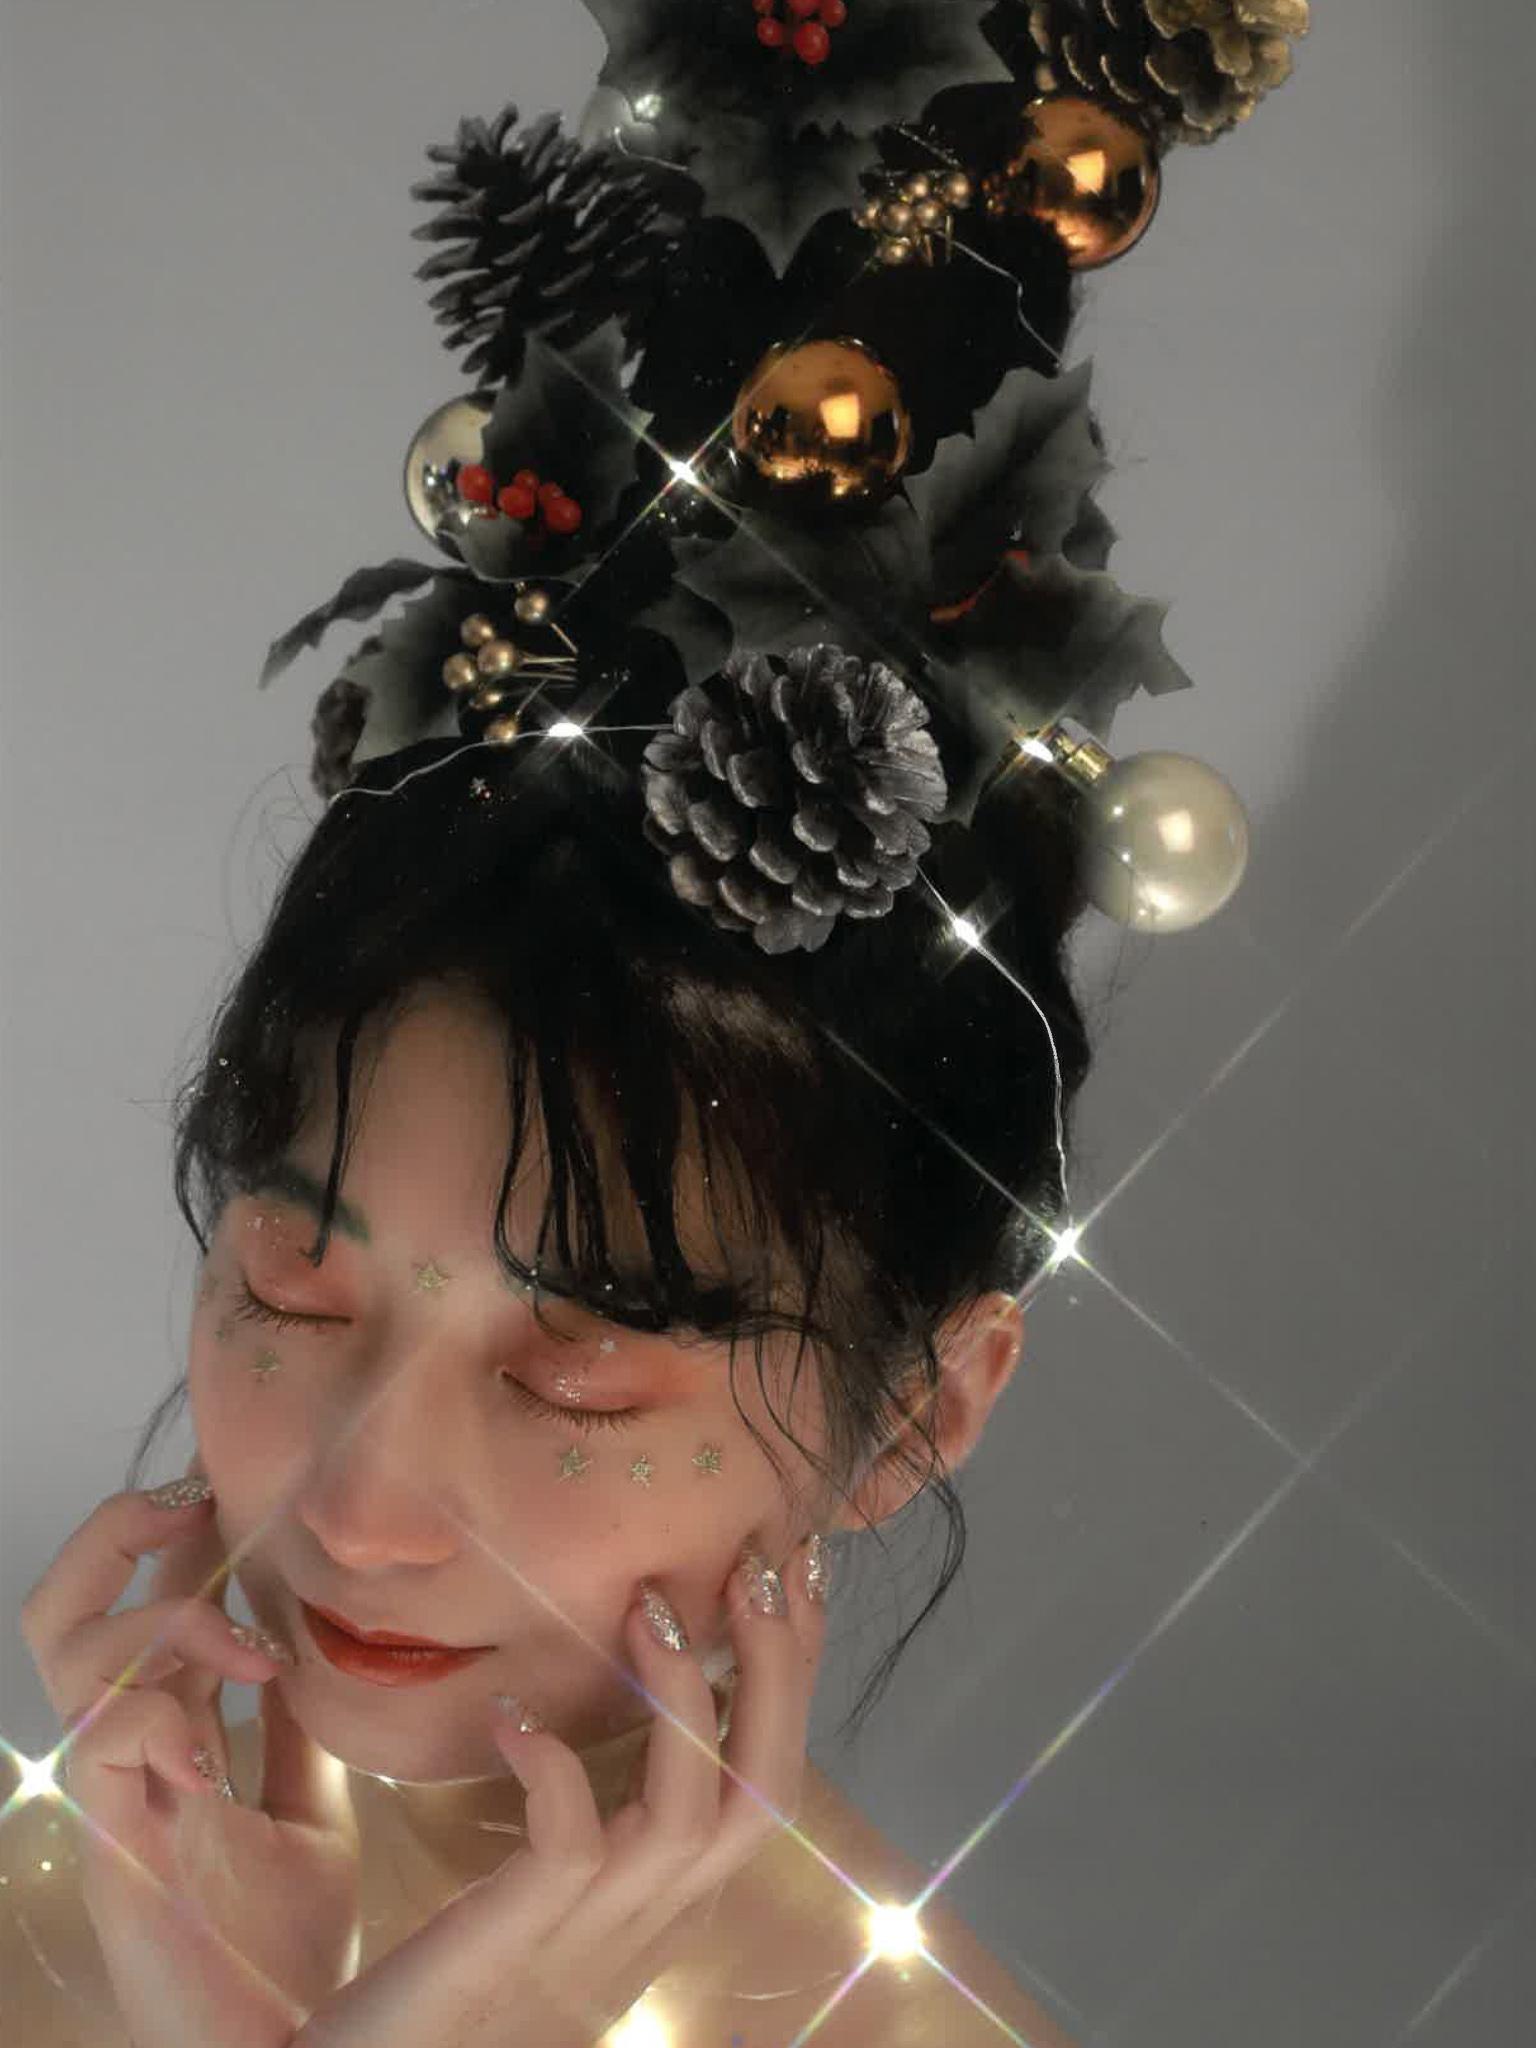 中塚 唯さんの作品画像